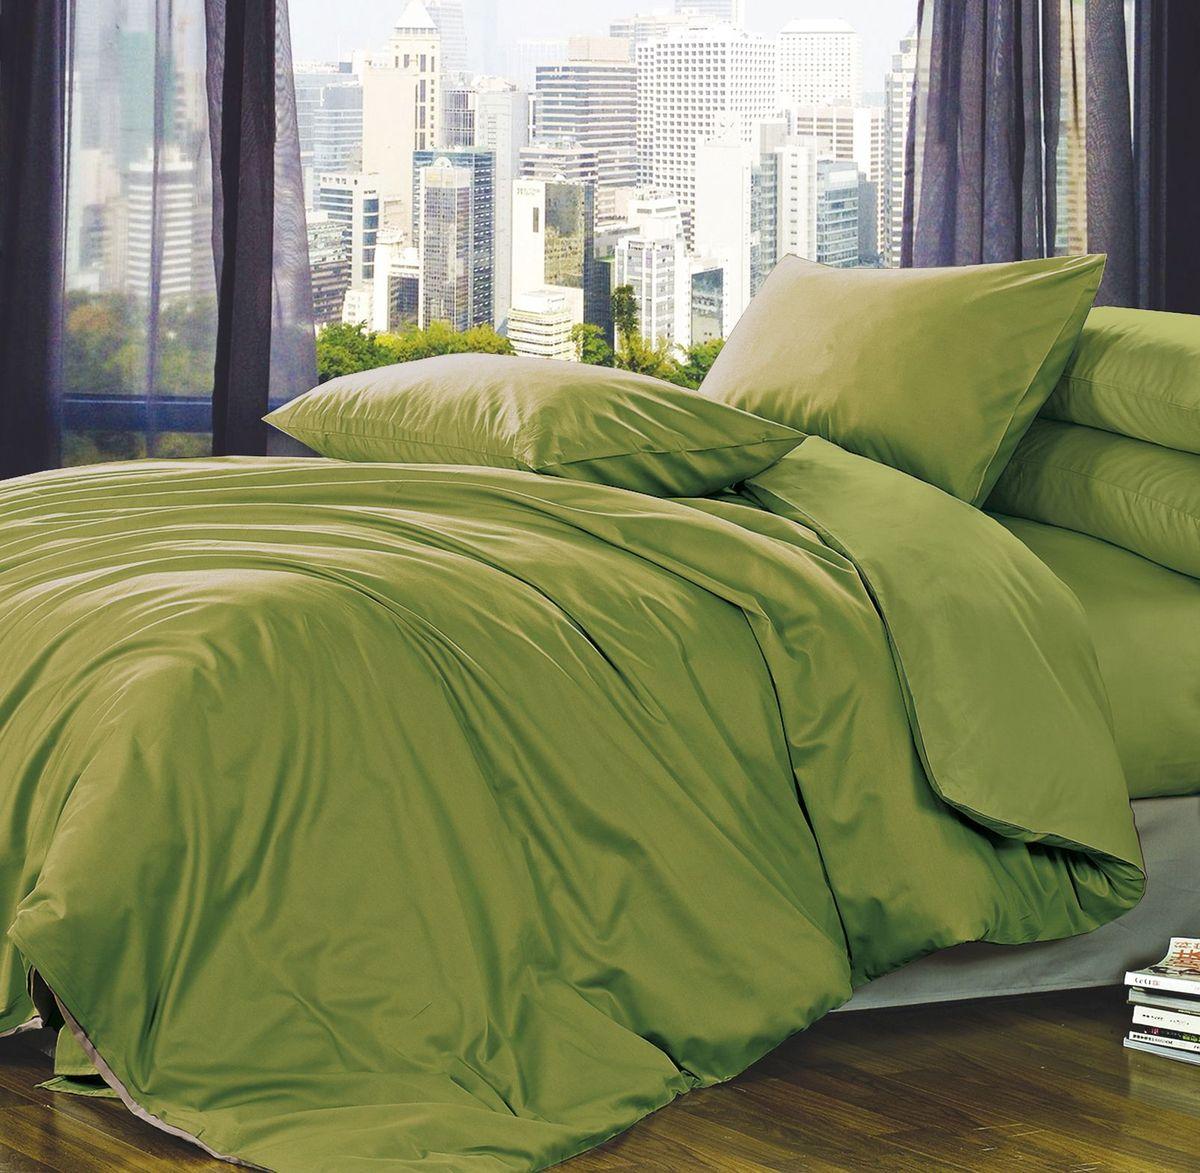 Комплект белья Коллекция Зеленый, 2,5-спальный, наволочки 50x70. ПС2.5/50/ОЗ/зелПС2.5/50/ОЗ/зел